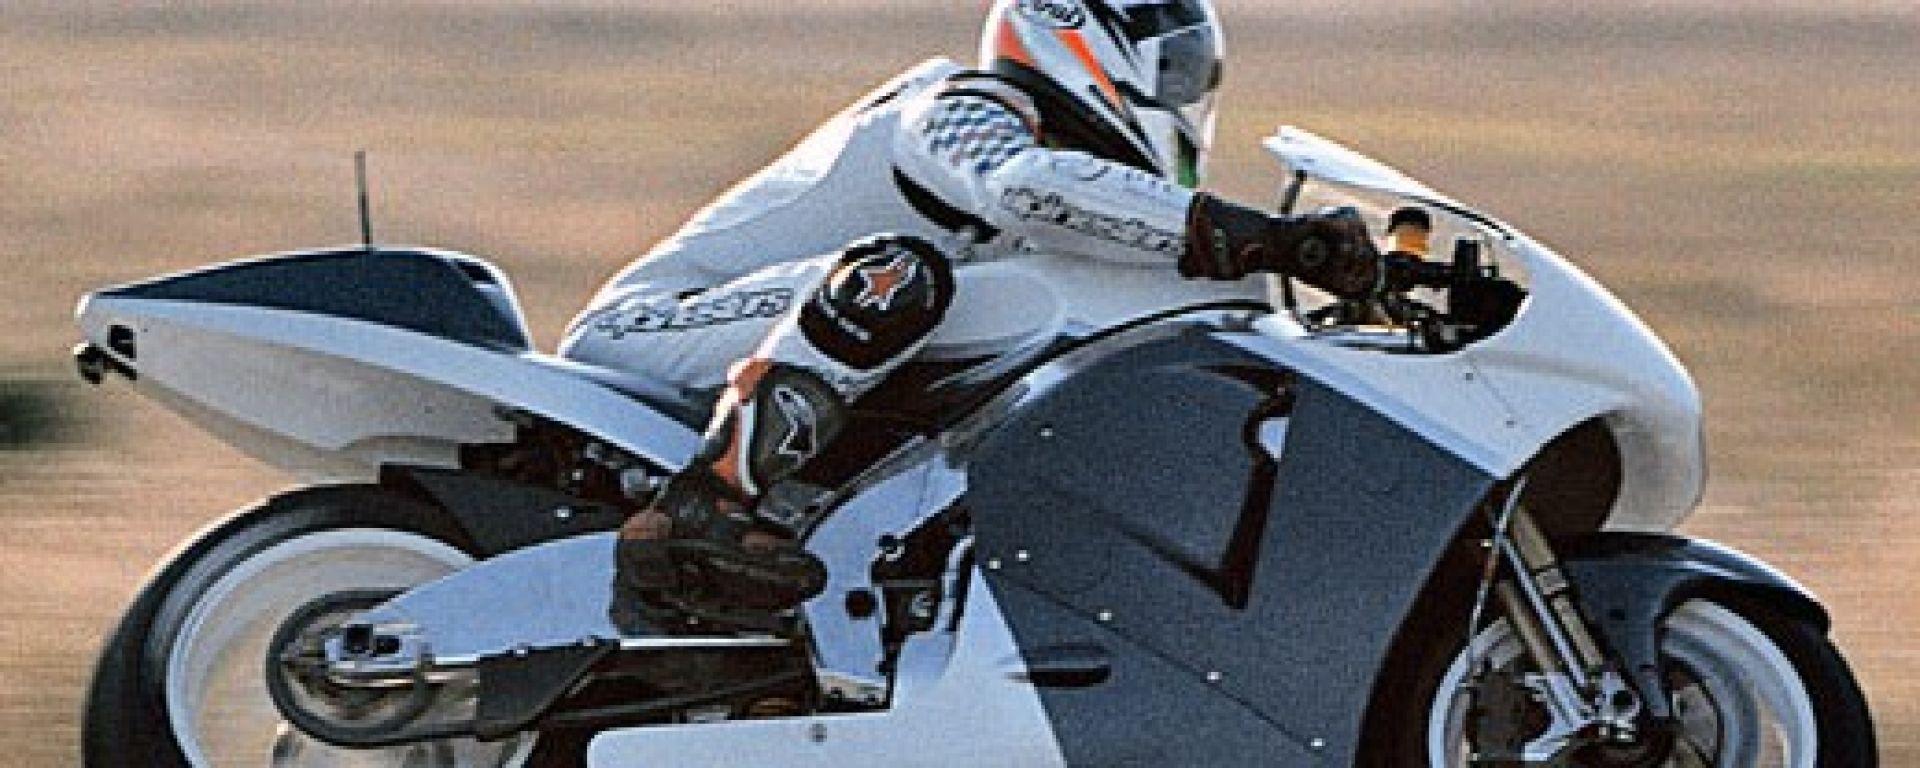 BMW: prove di MotoGP?